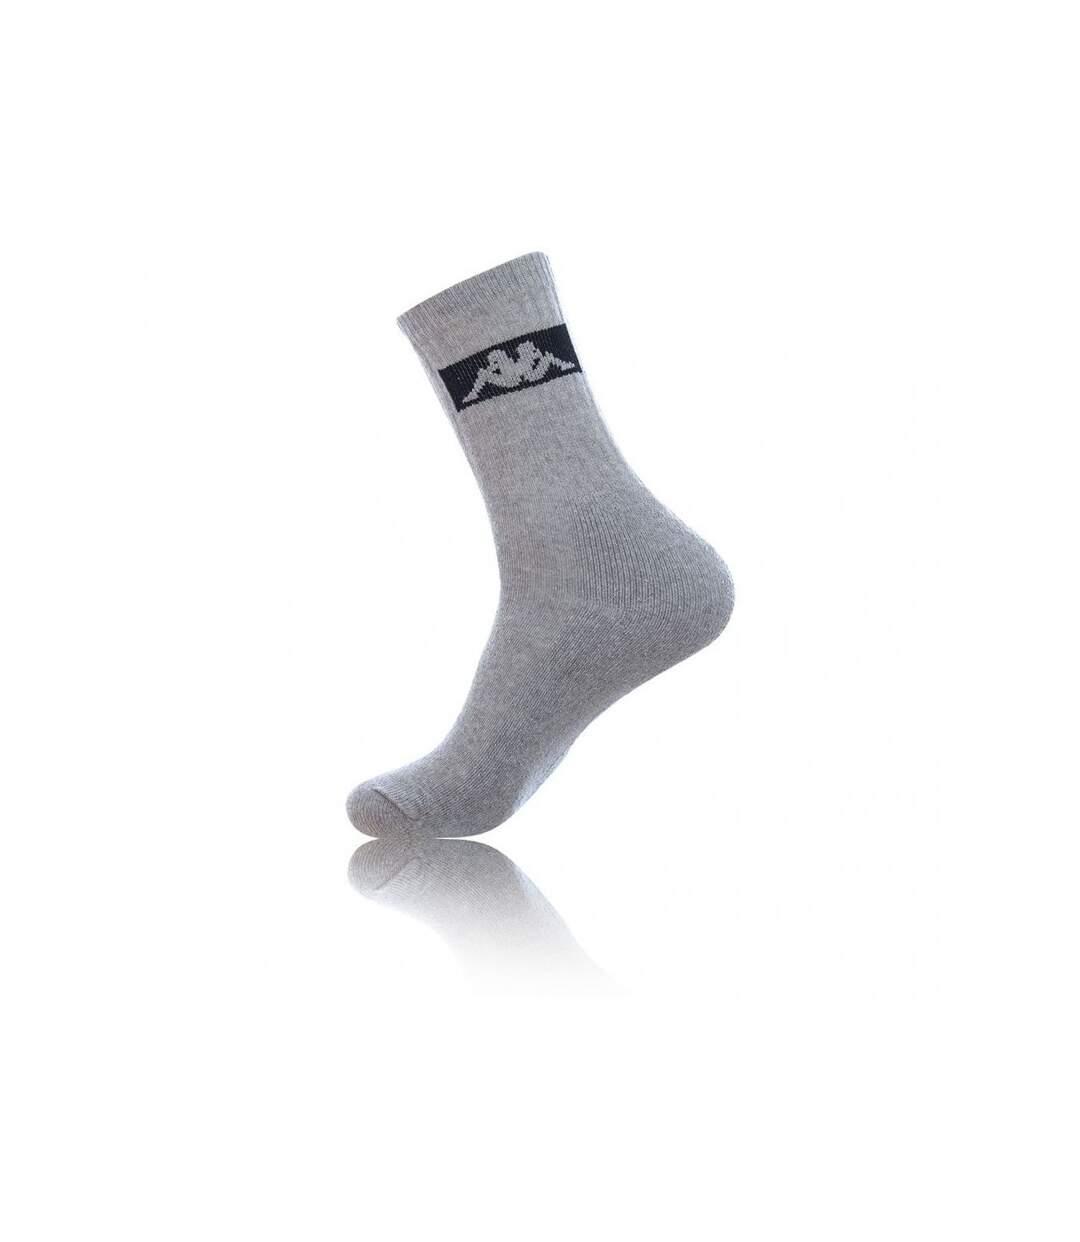 Dégagement Lot de 12 chaussettes homme KAPPA Multicolor dsf.d455nksdKLFHG